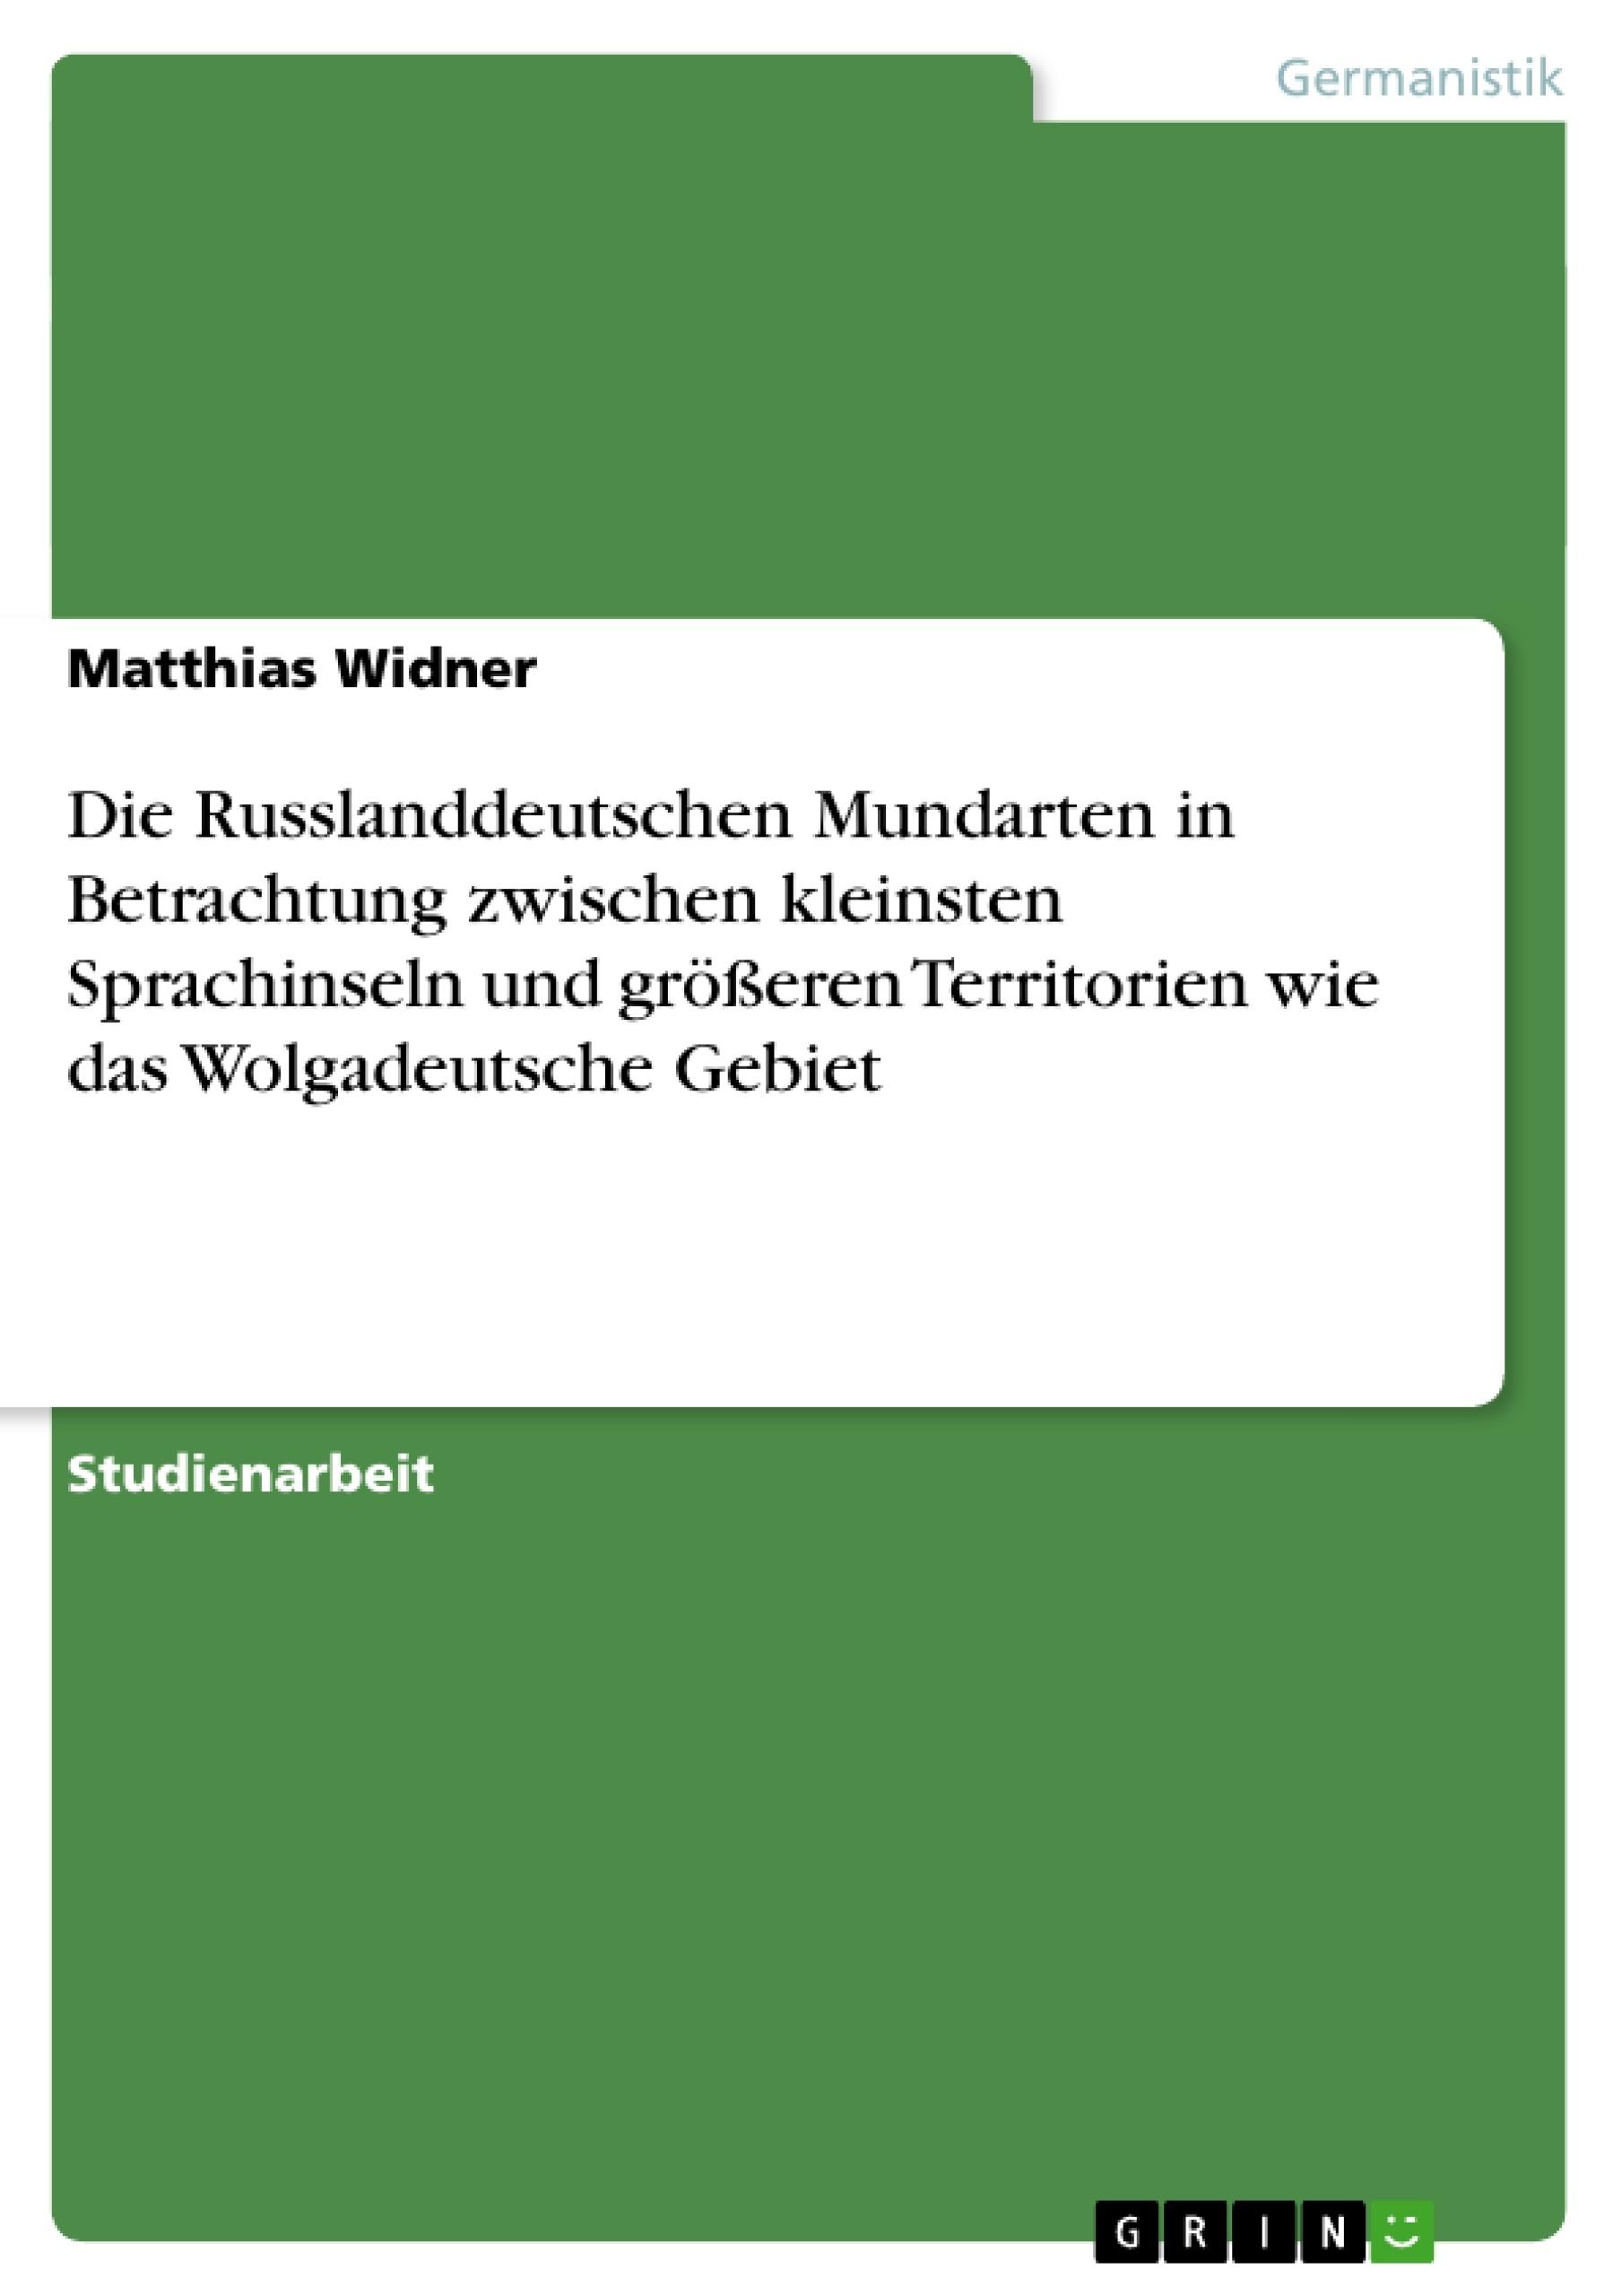 Titel: Die Russlanddeutschen Mundarten in Betrachtung zwischen kleinsten Sprachinseln und größeren Territorien wie das Wolgadeutsche Gebiet